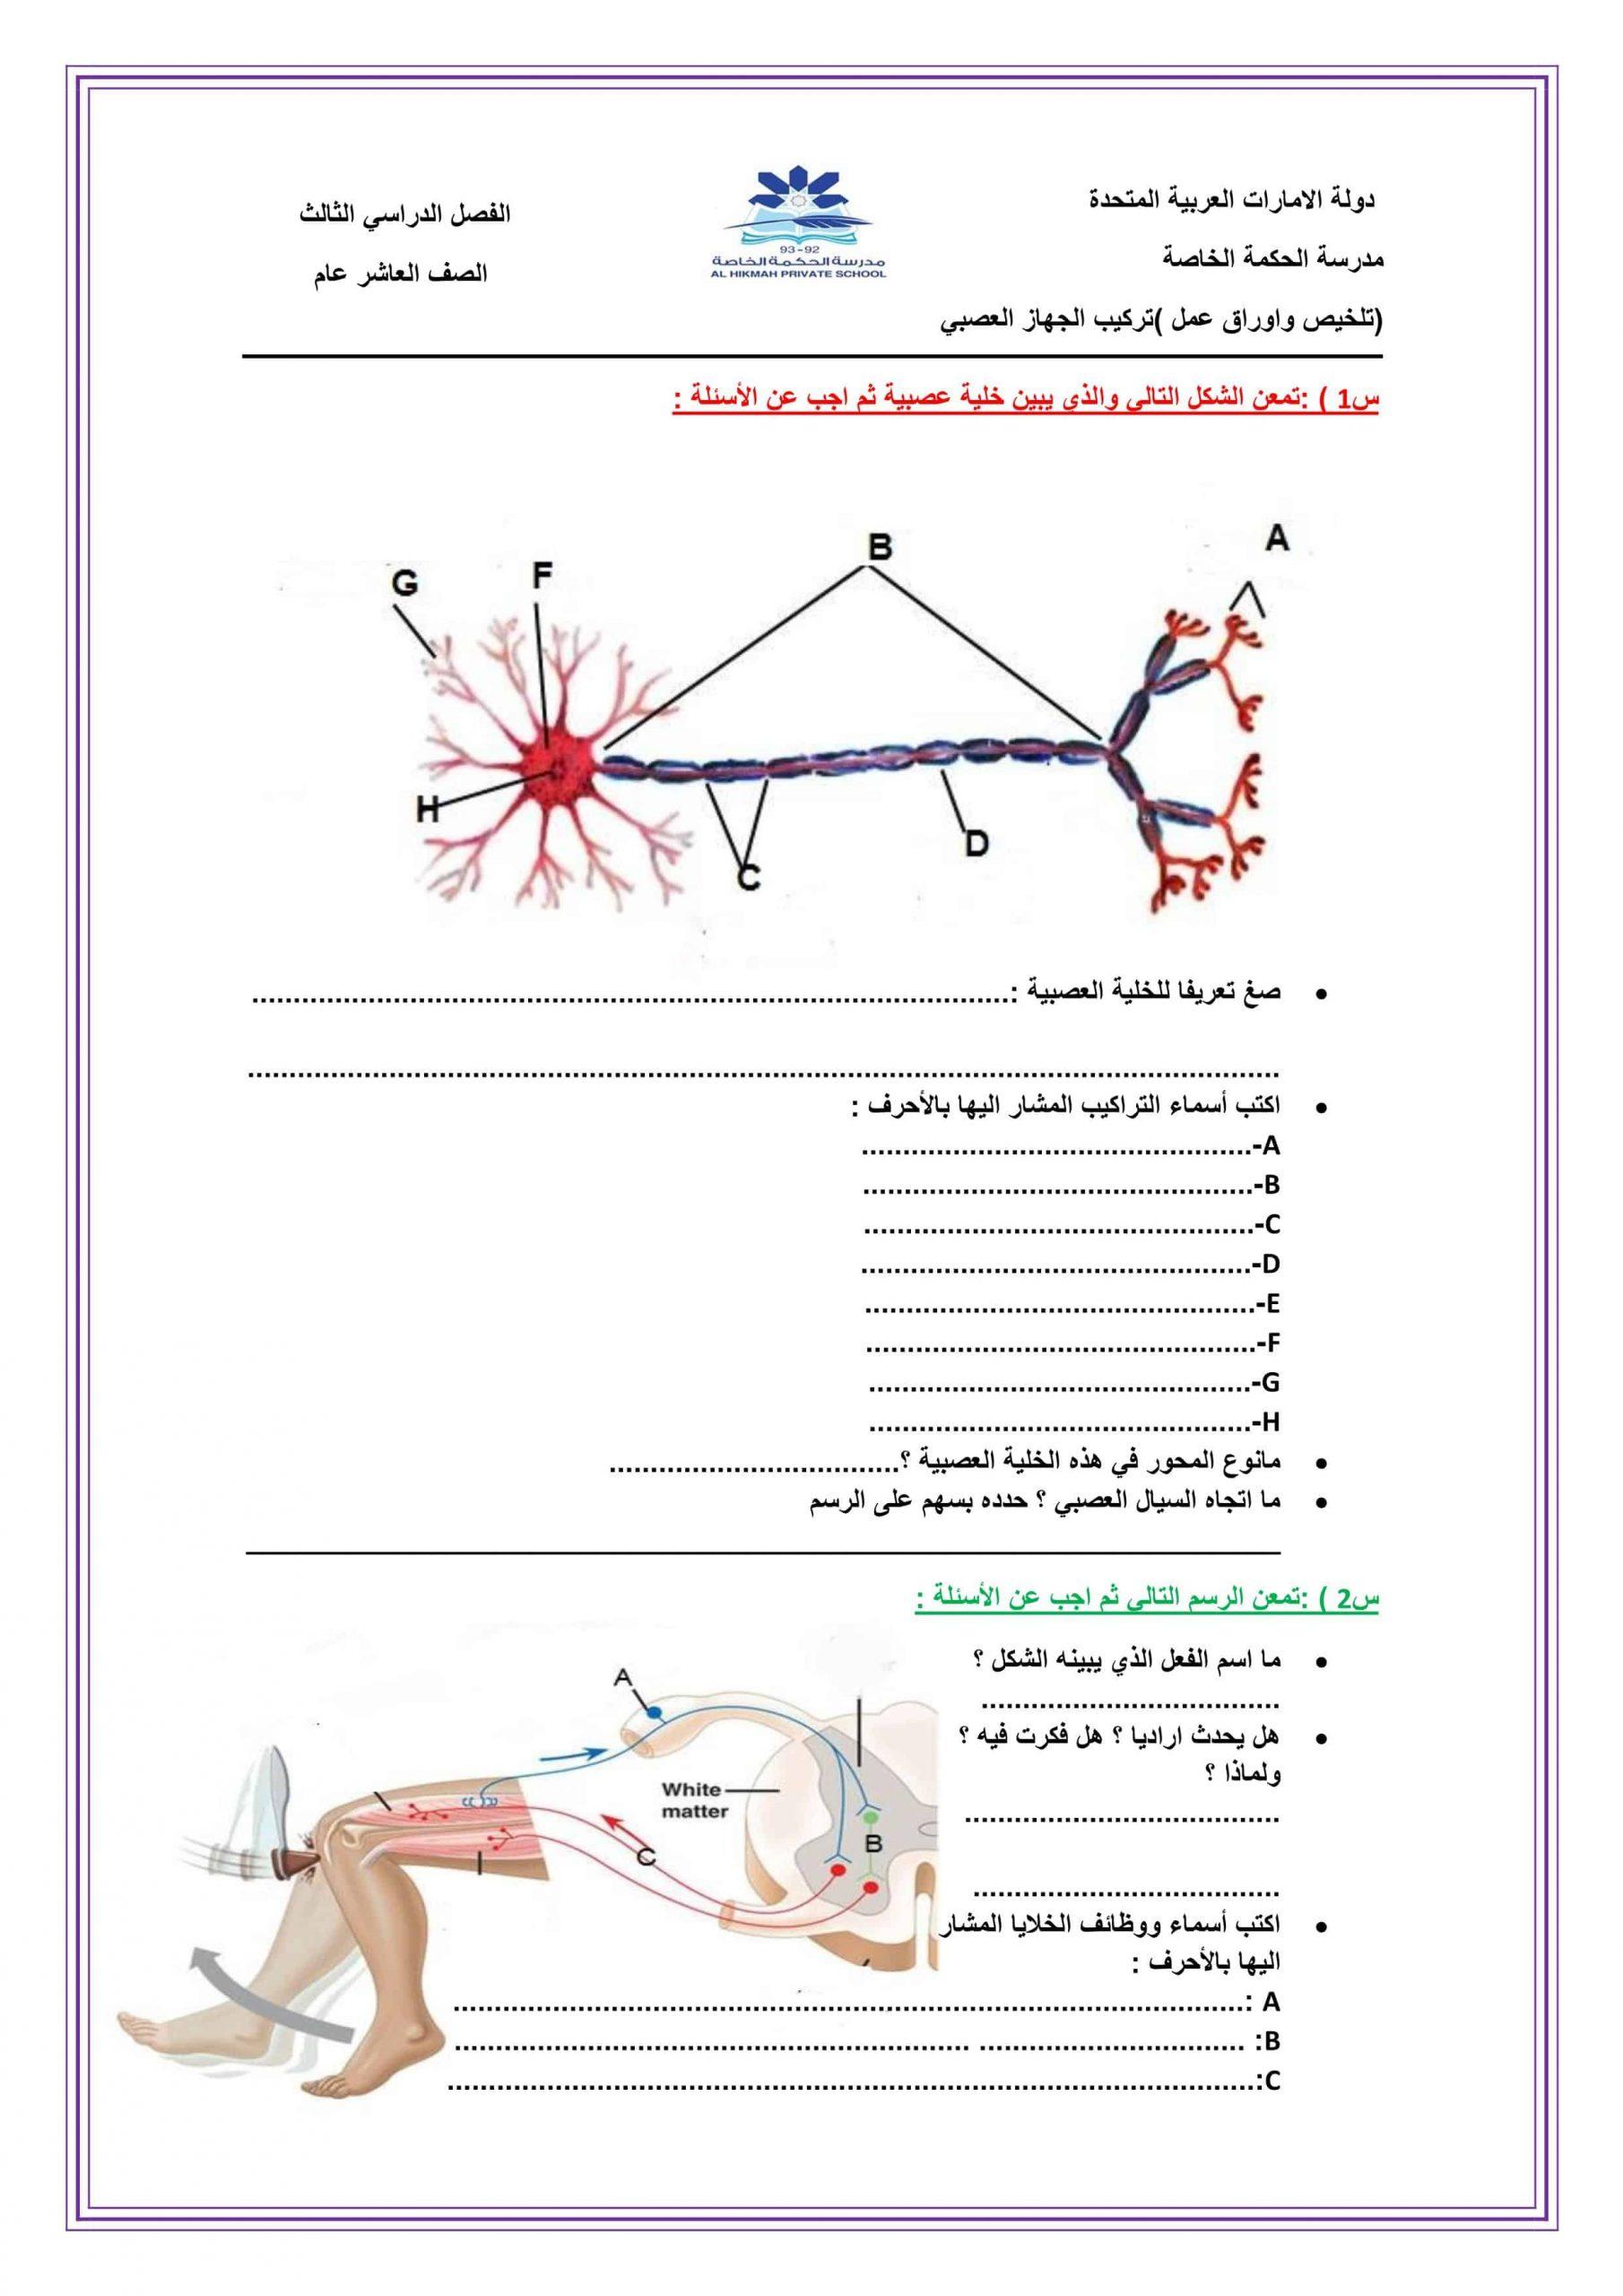 ملخص وأوراق عمل تركيب الجهاز العصبي الصف العاشر مادة الأحياء